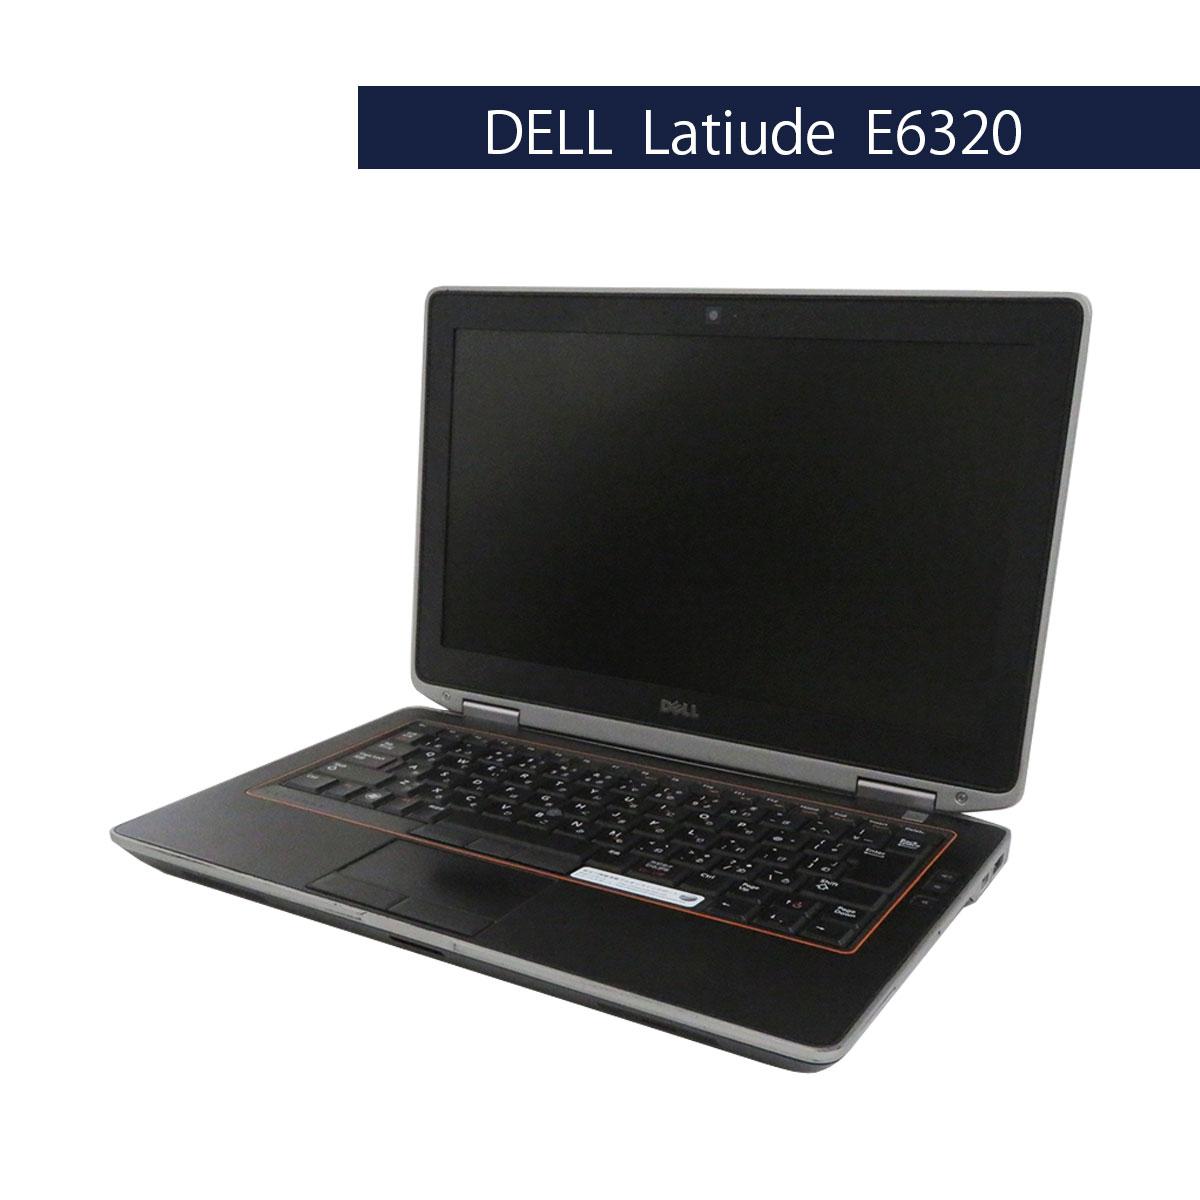 DELL Latitude E6320 Core i5 4GB 250GB (Win10Pro) カメラ内蔵